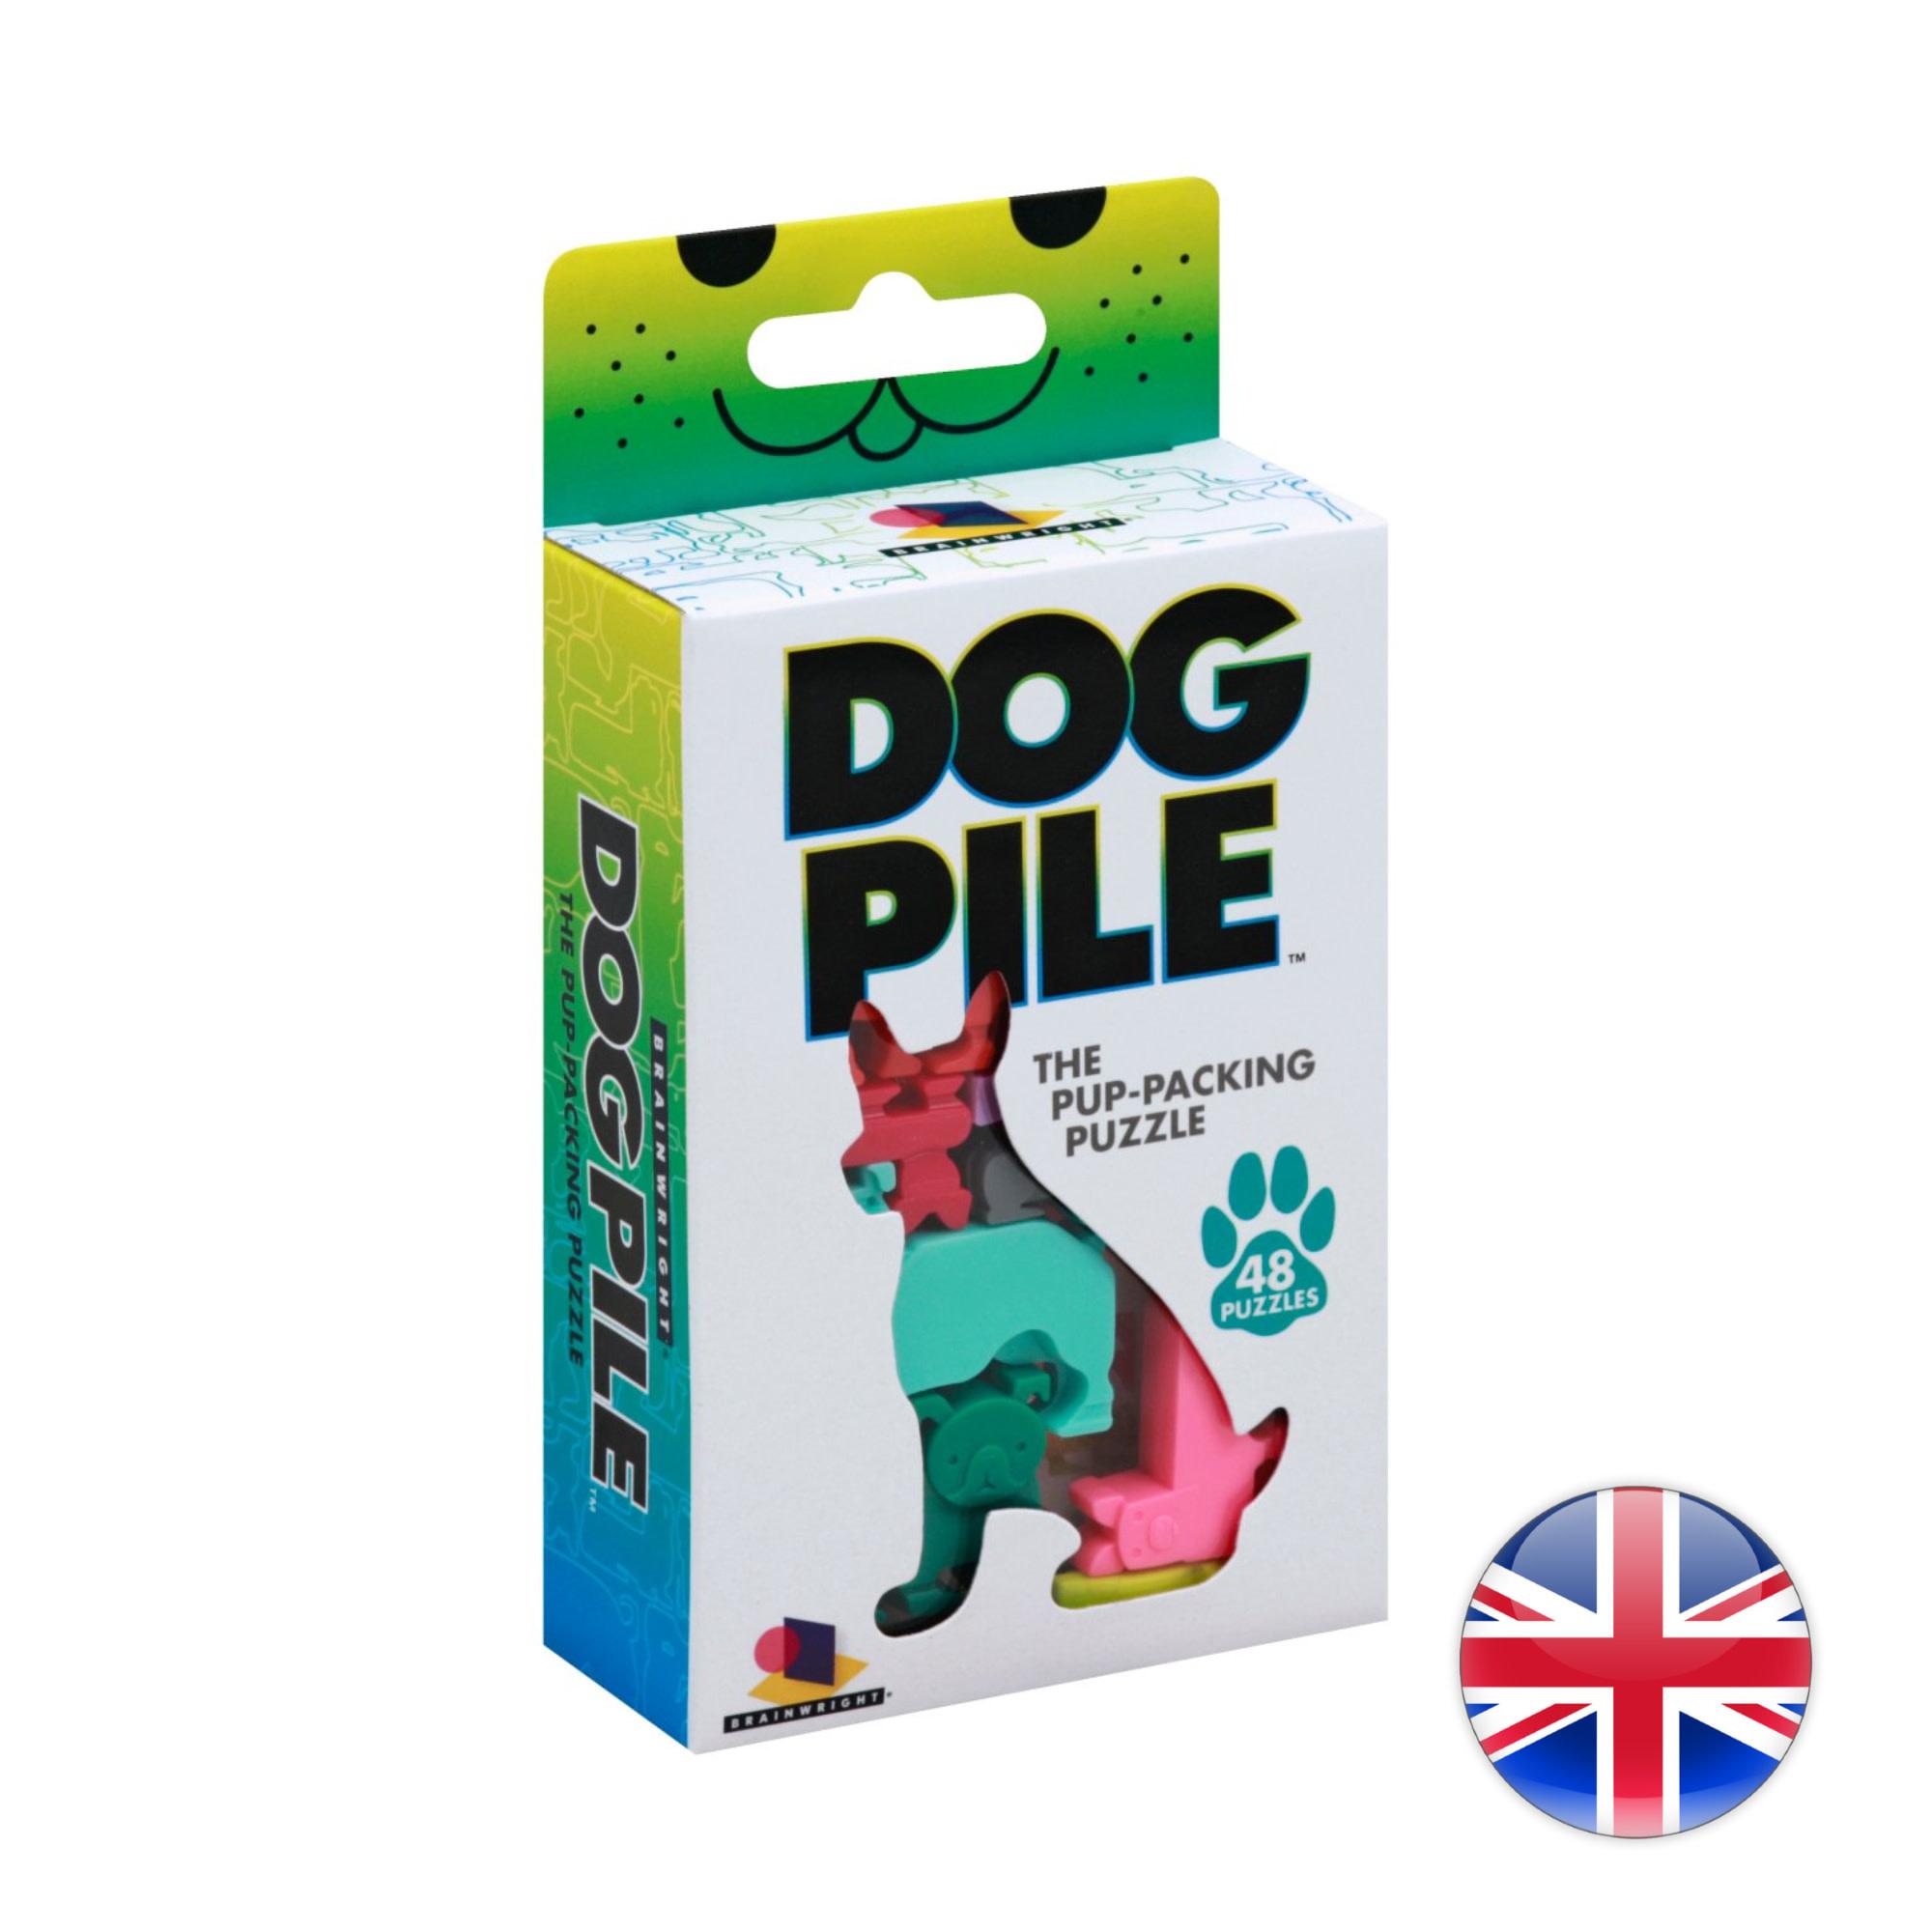 Avocado games Dog Pile